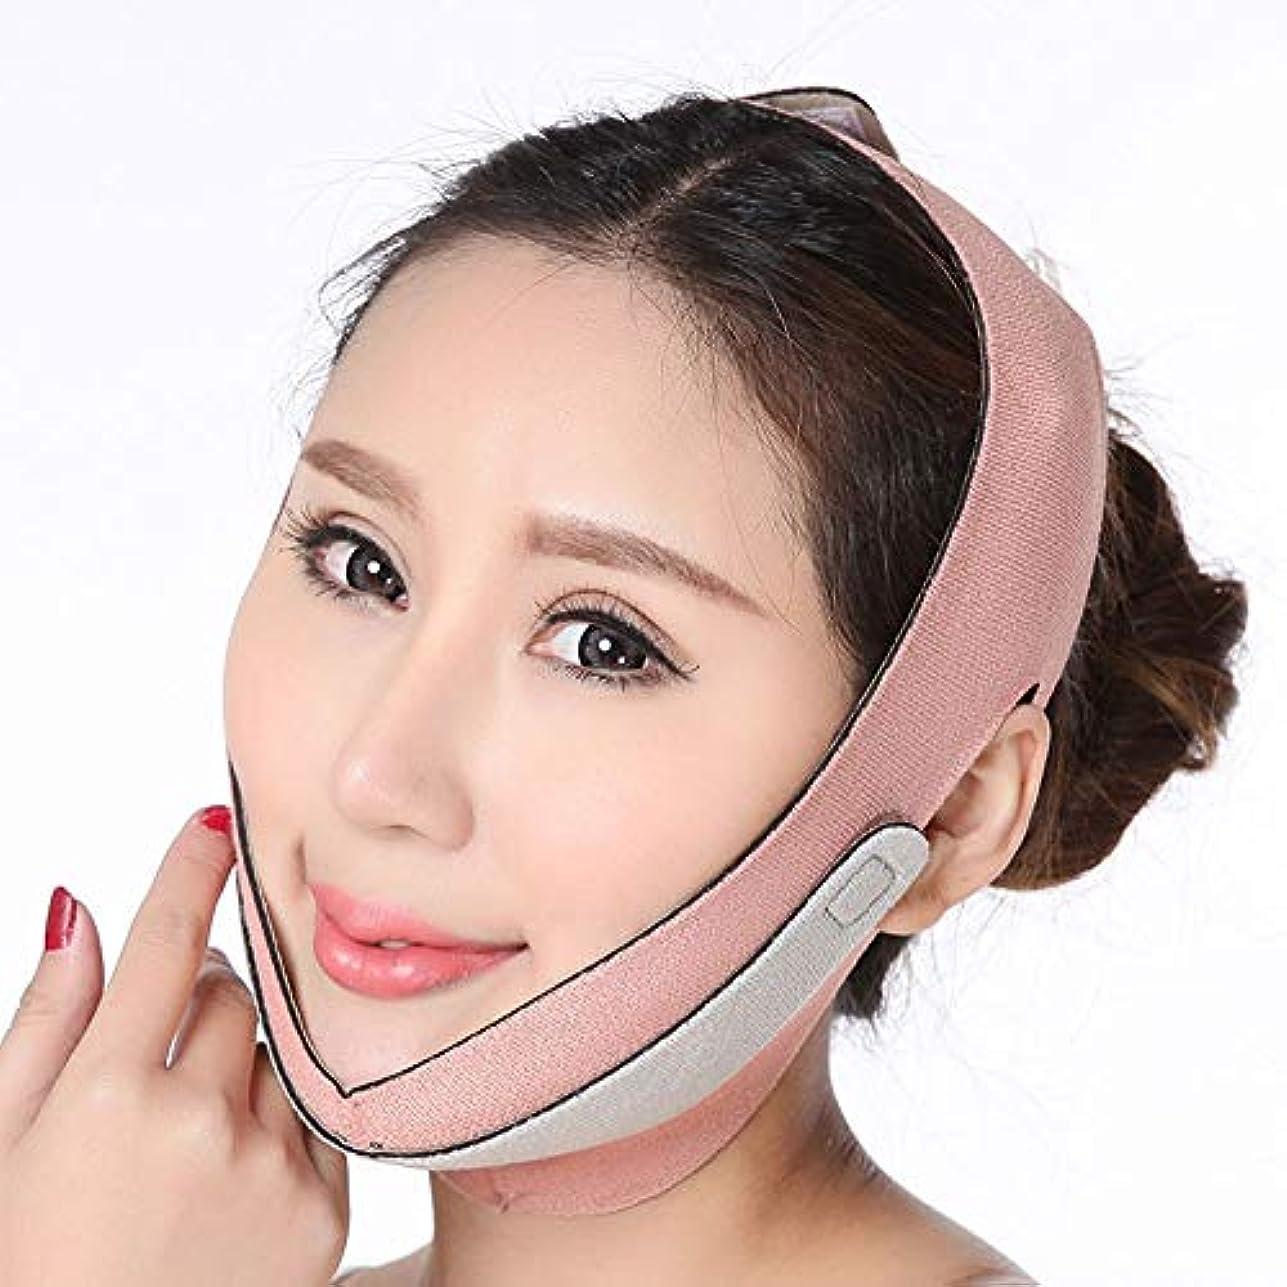 ダース荒れ地窓GYZ シンフェイス包帯シンフェイスマスクフェイスリフトアーティファクトレイズVフェイスシンフェイスフェイスリフティング美容マスク小フェイス包帯 Thin Face Belt (Color : A)